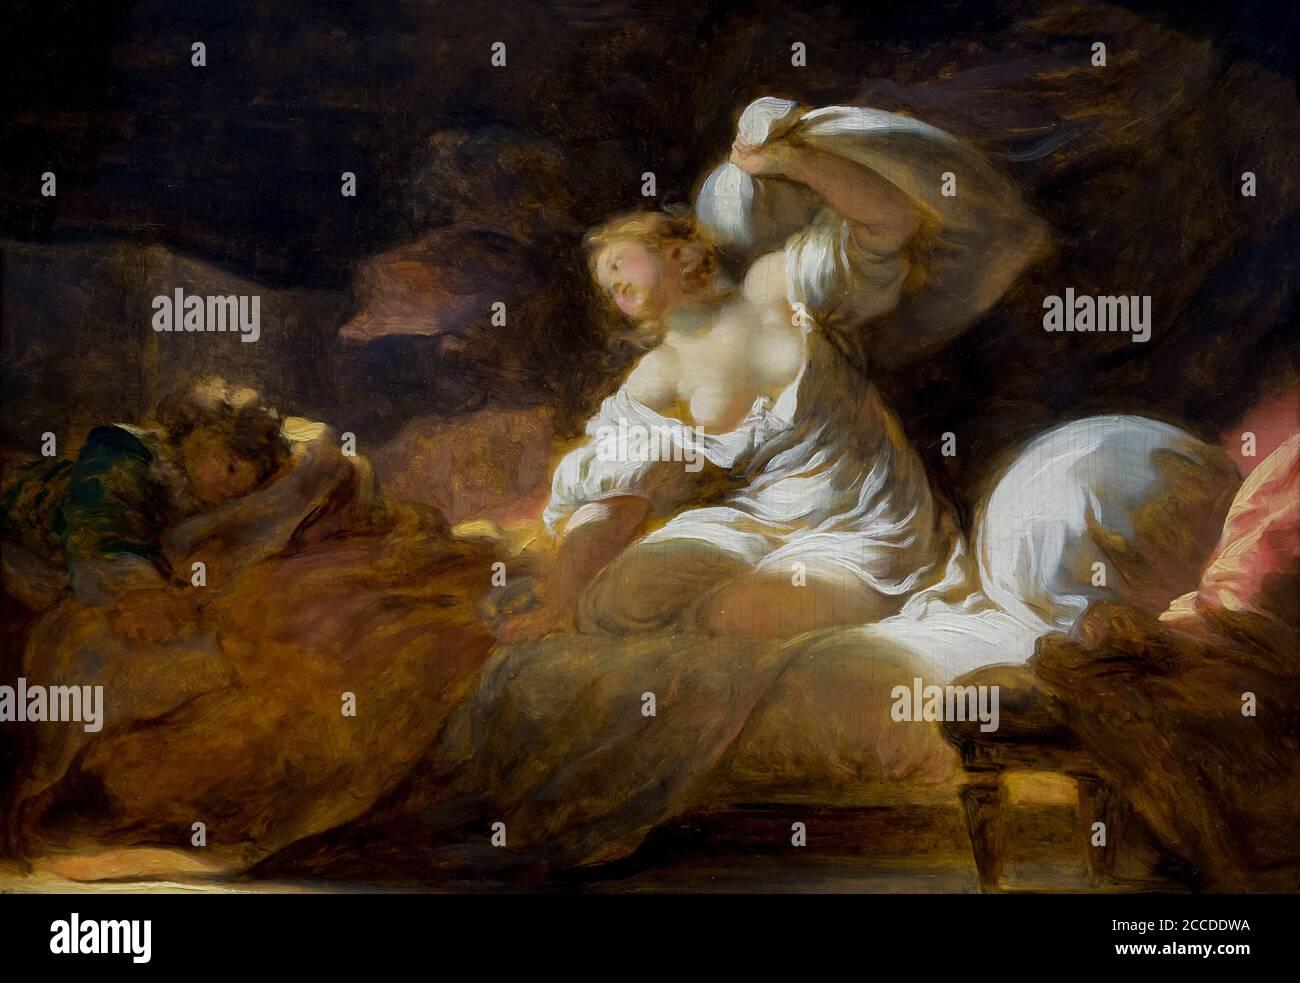 L'inutile resistenza, Jean Honore Fragonard, circa 1770, i Musei delle Belle Arti di San Francisco, San Francisco, California, USA, Nord America Foto Stock